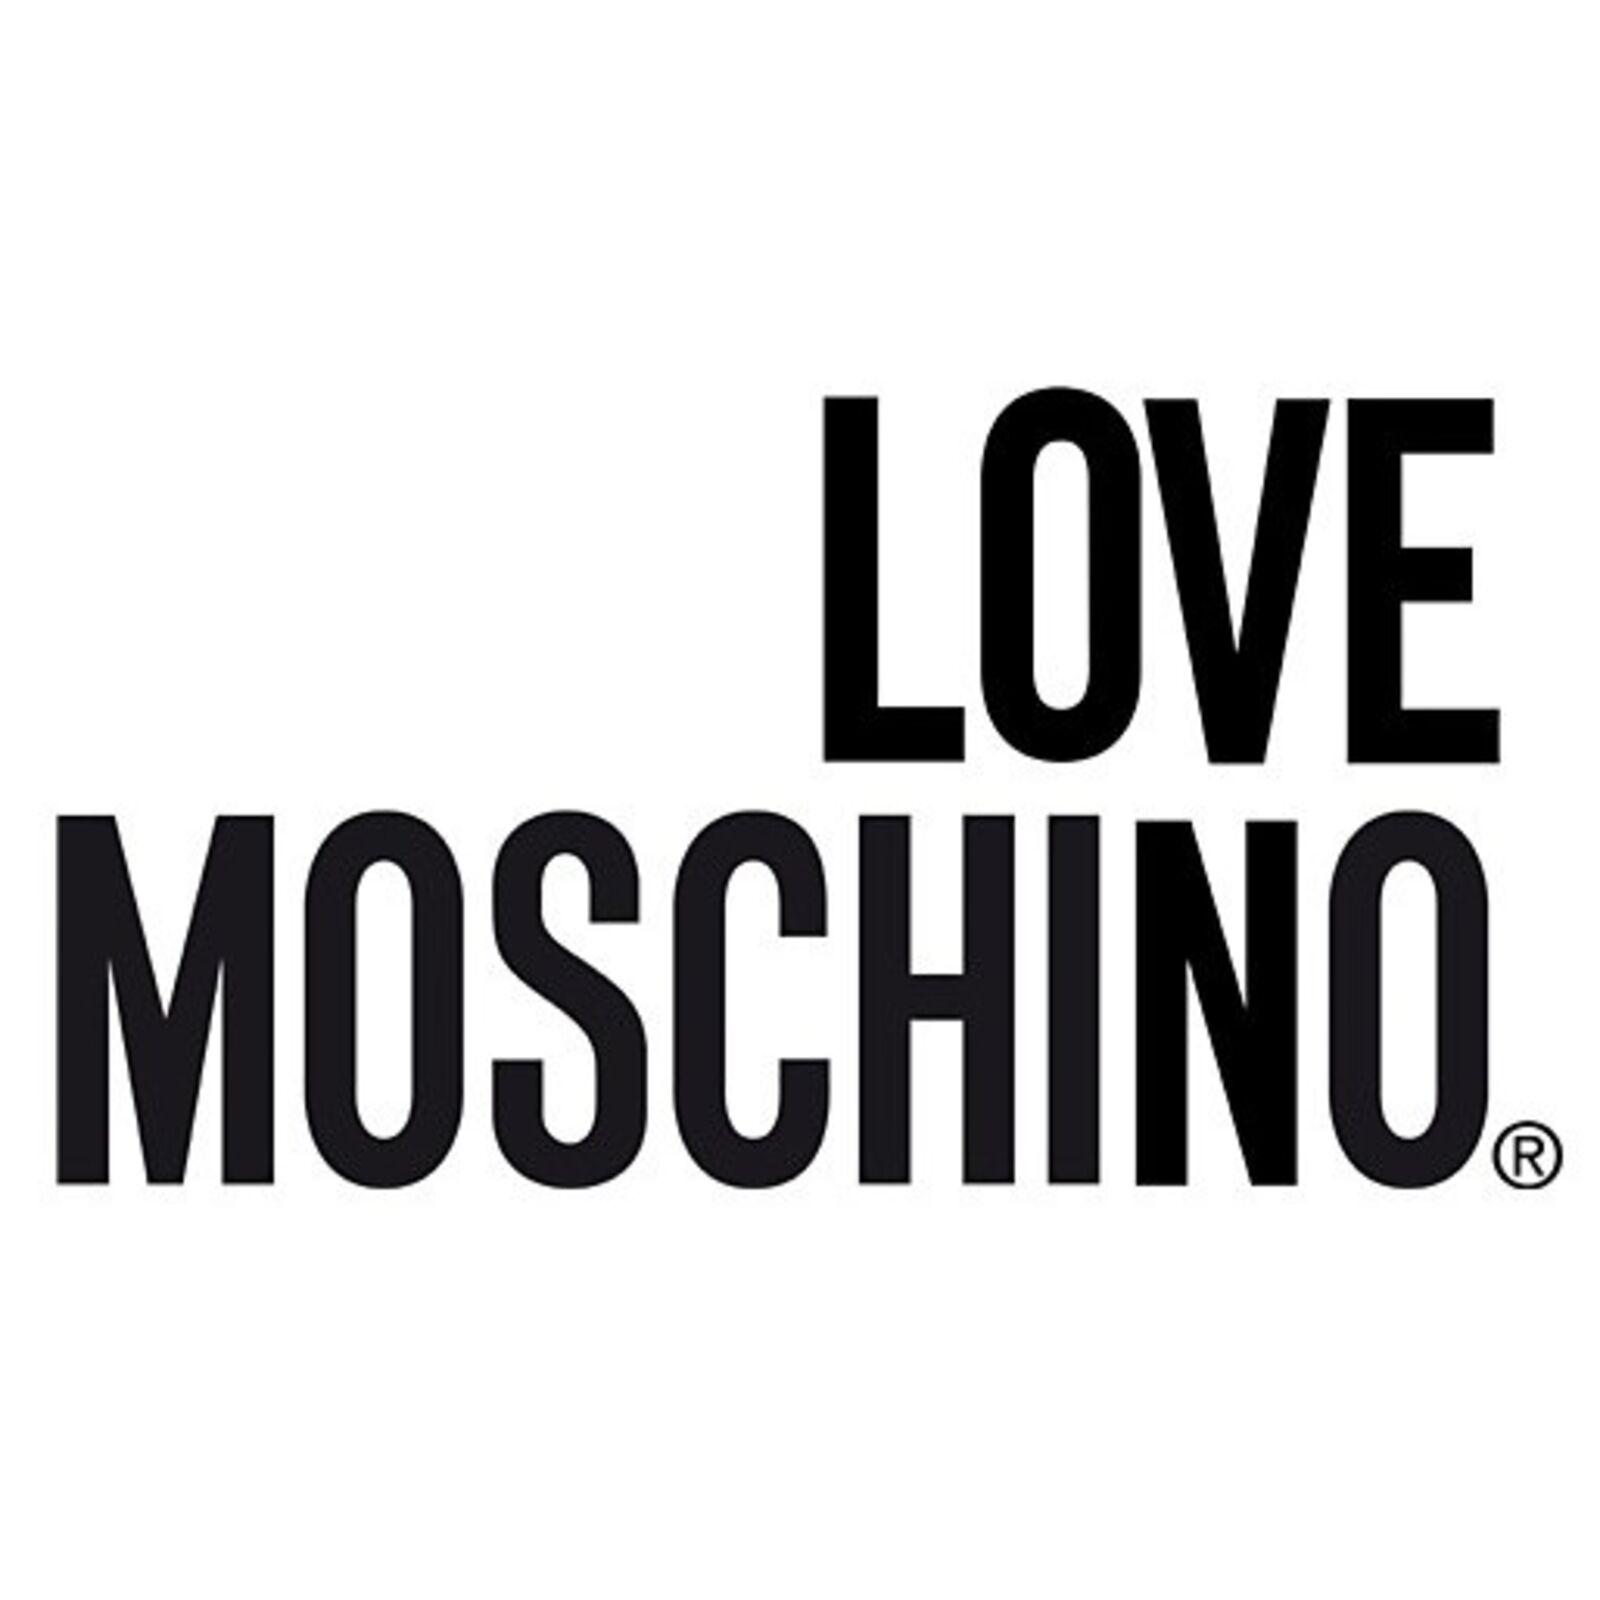 LOVE MOSCHINO (Image 1)